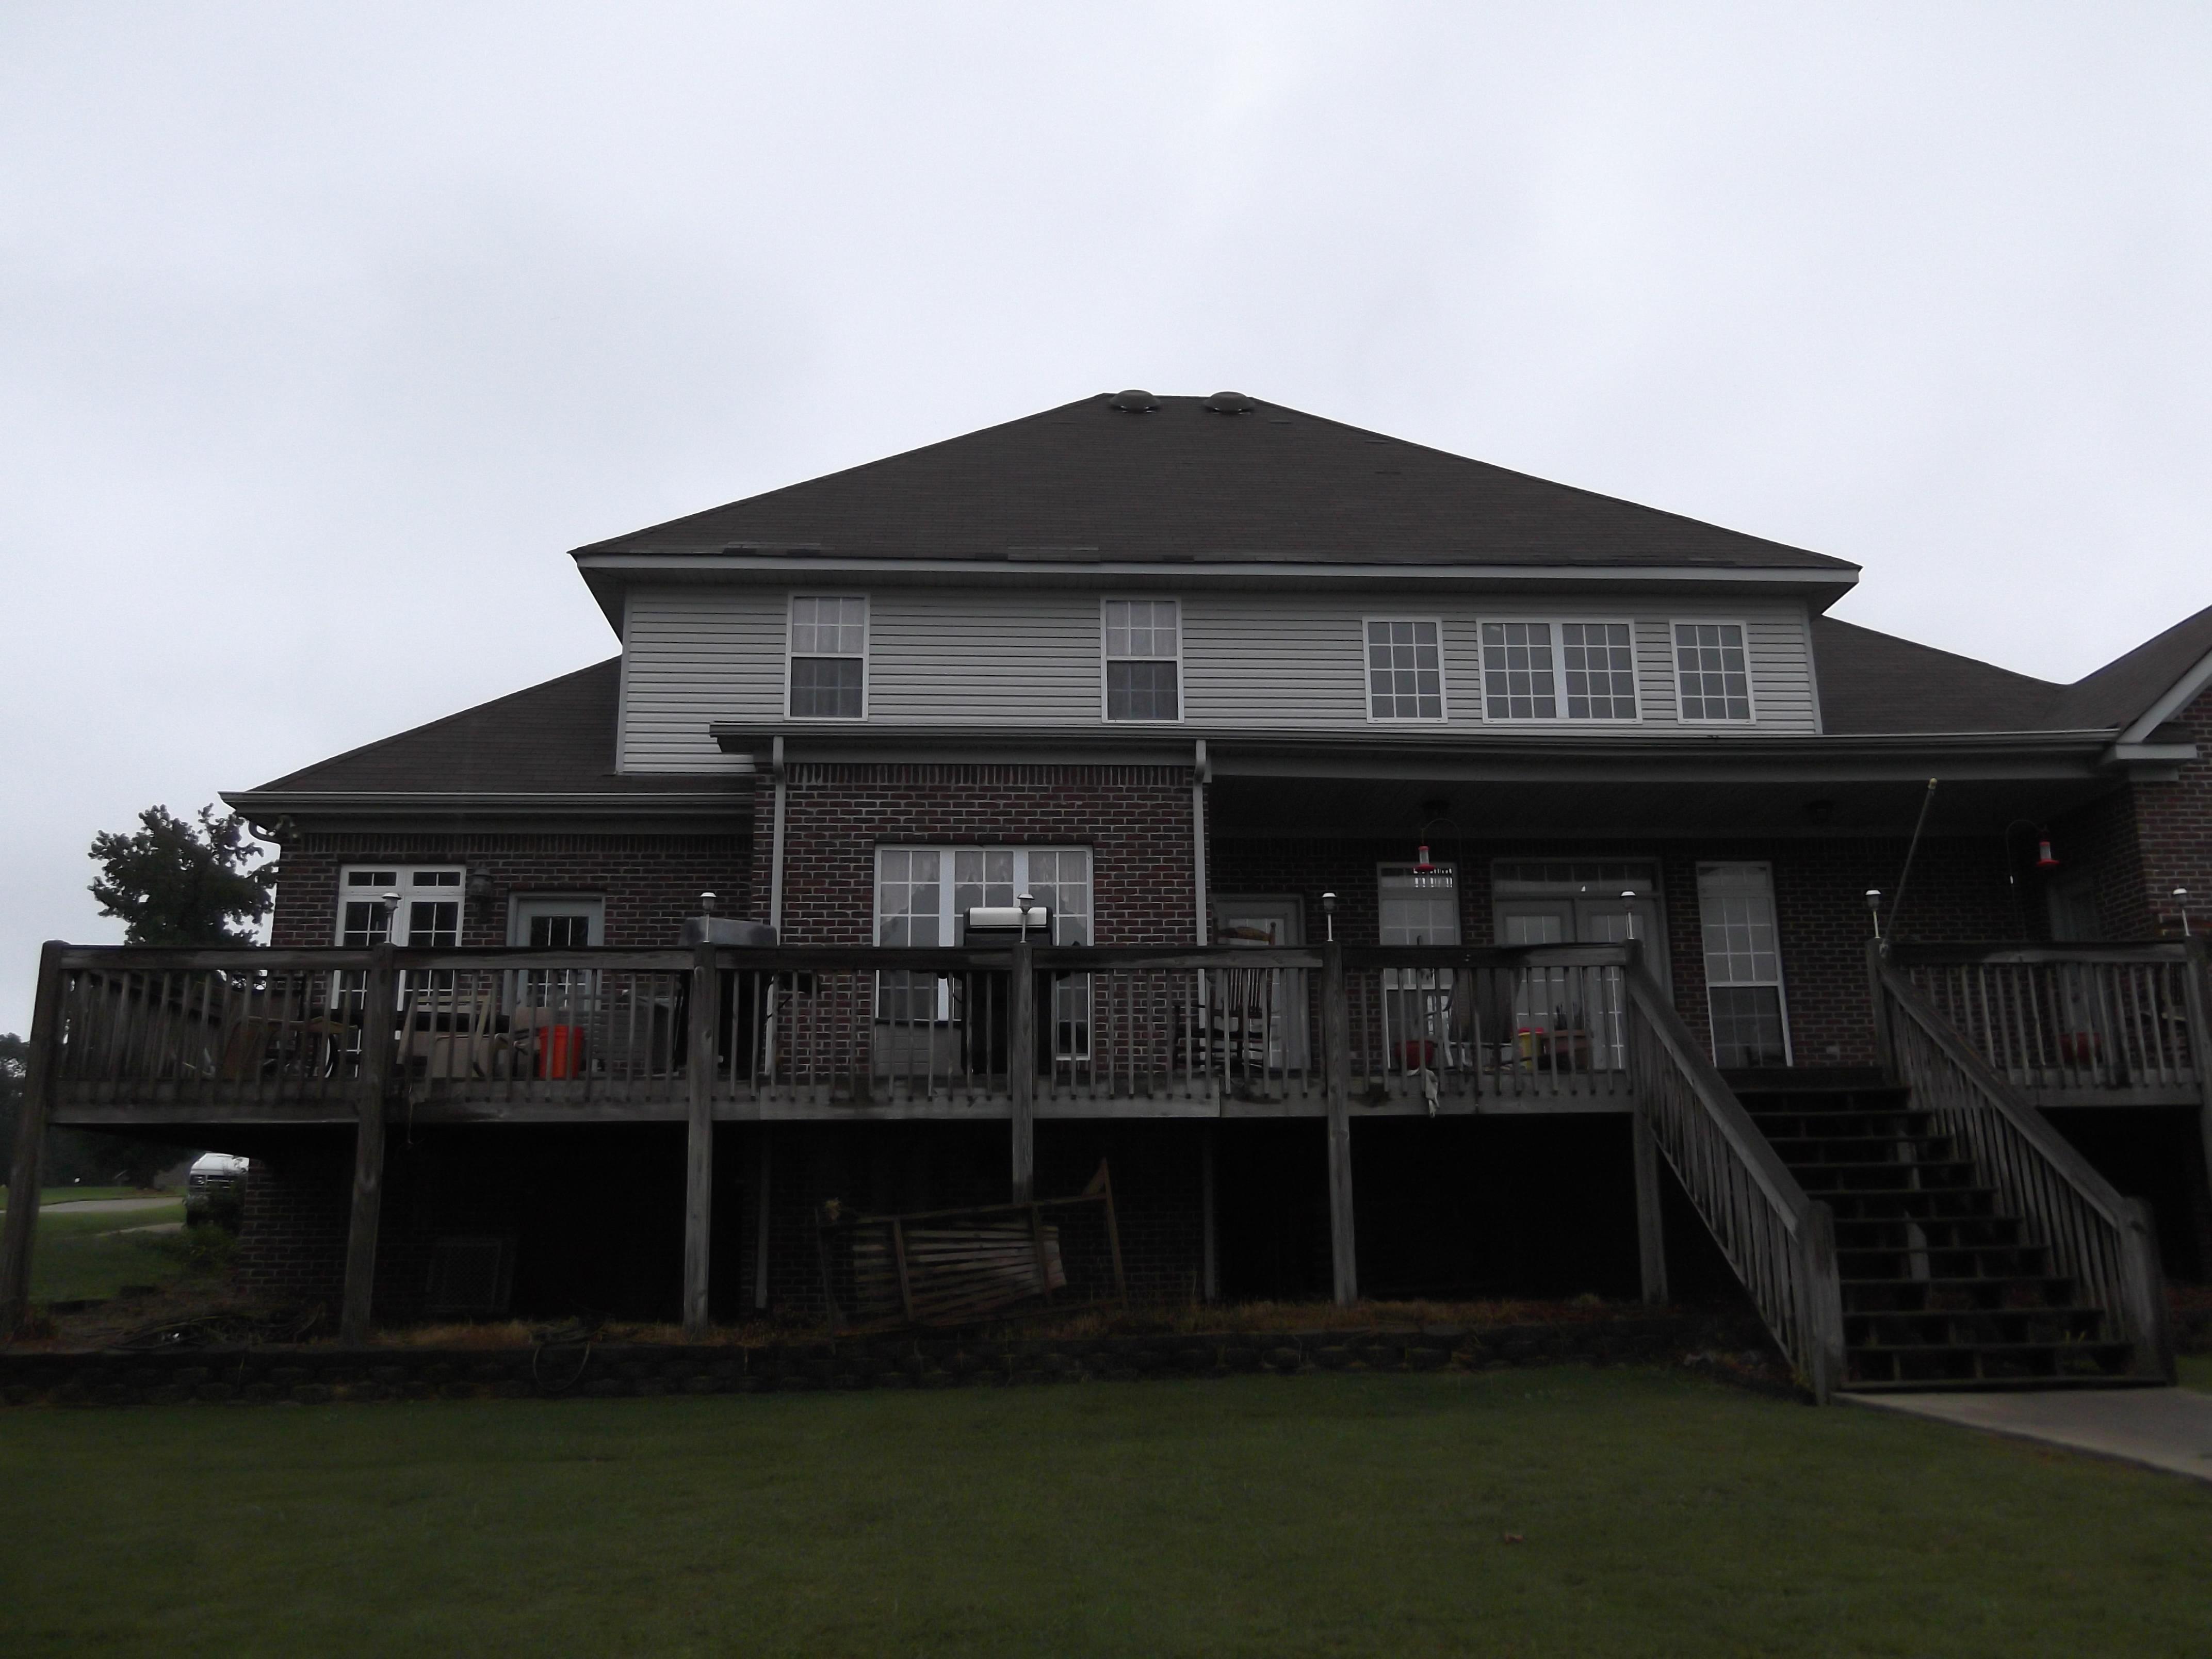 12-15-2011 051.jpg